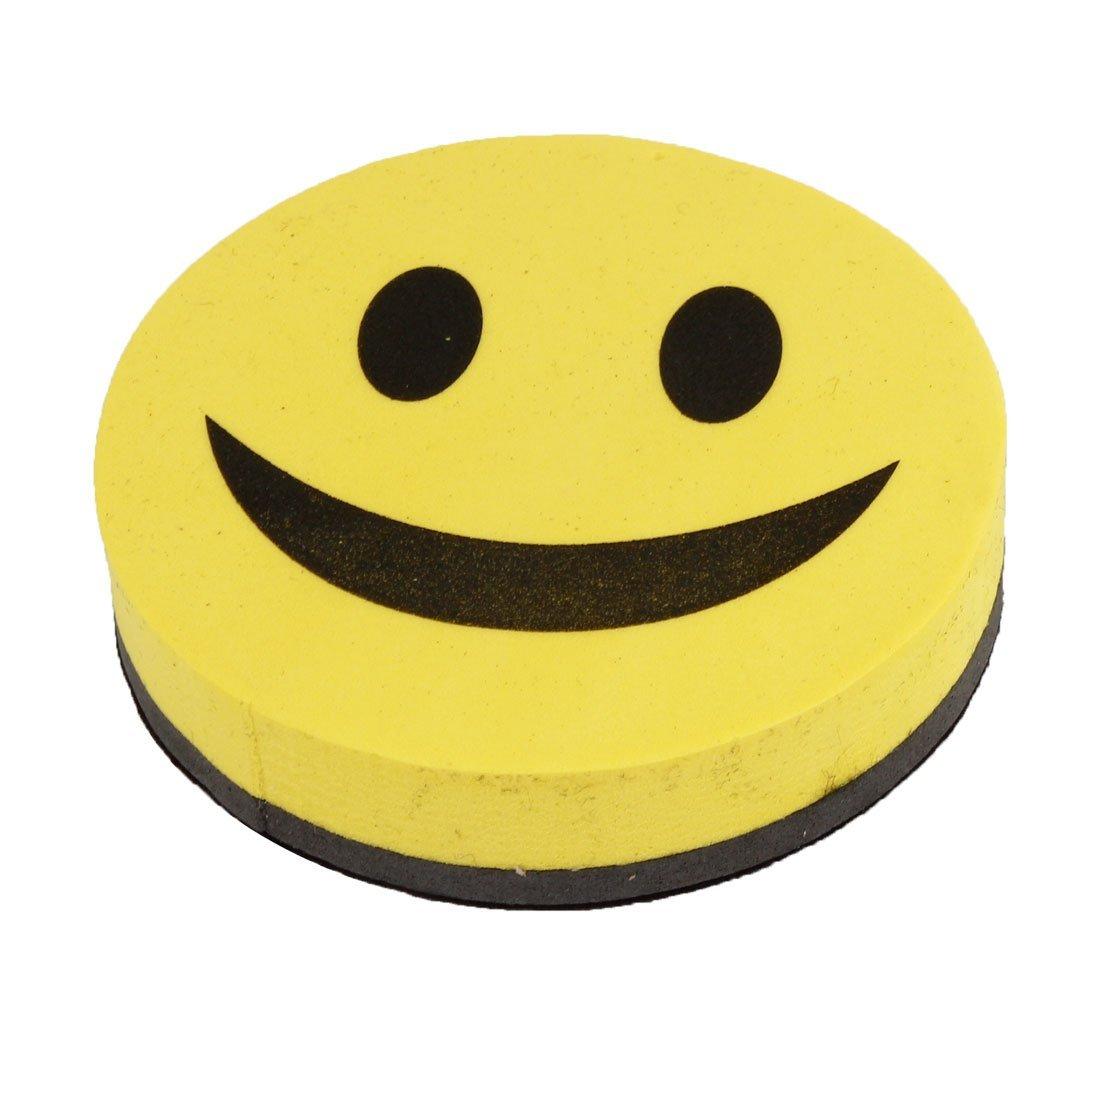 Methodisch Neue Gute Stimmung Whiteboard Schwamm Und Schiefer Smiley Gelb Und Schwarz Magnetische